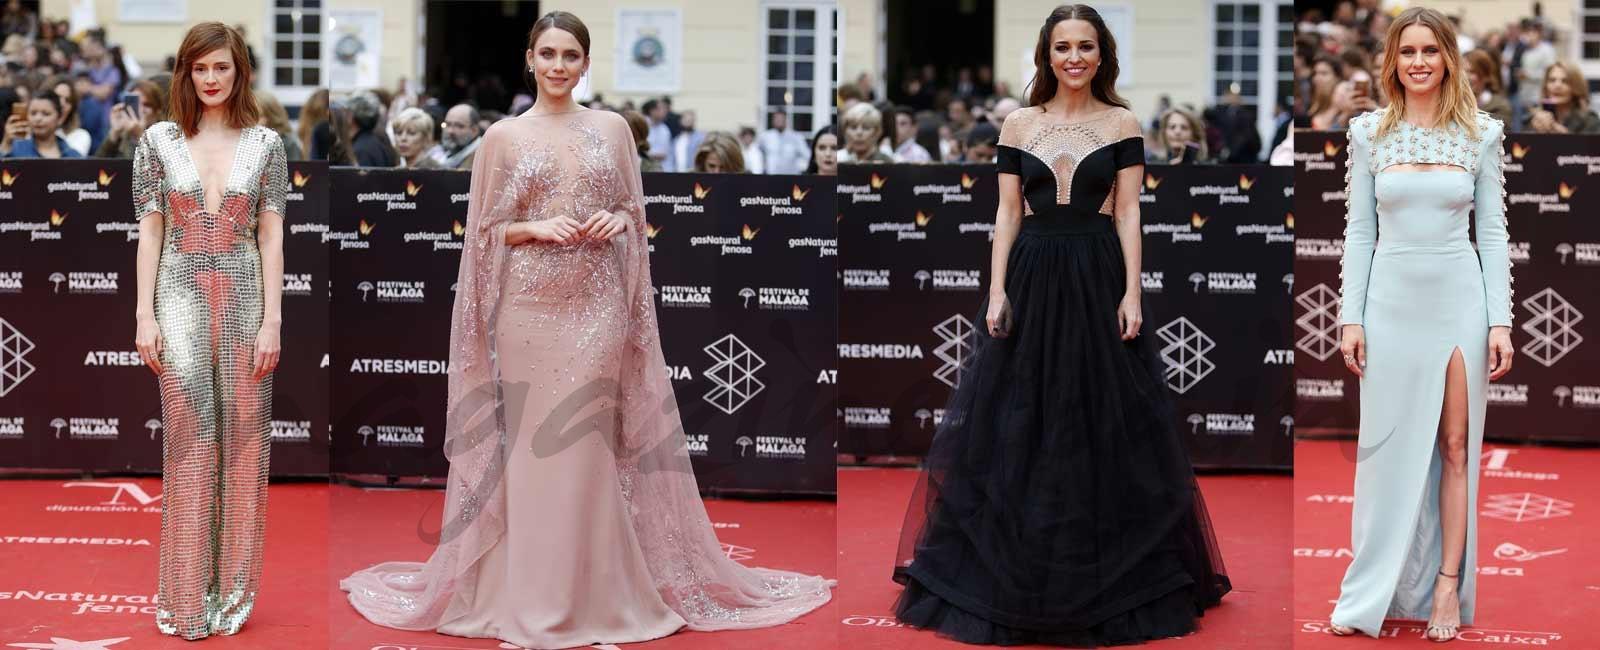 Los mejores looks de la clausura del Festival de Málaga